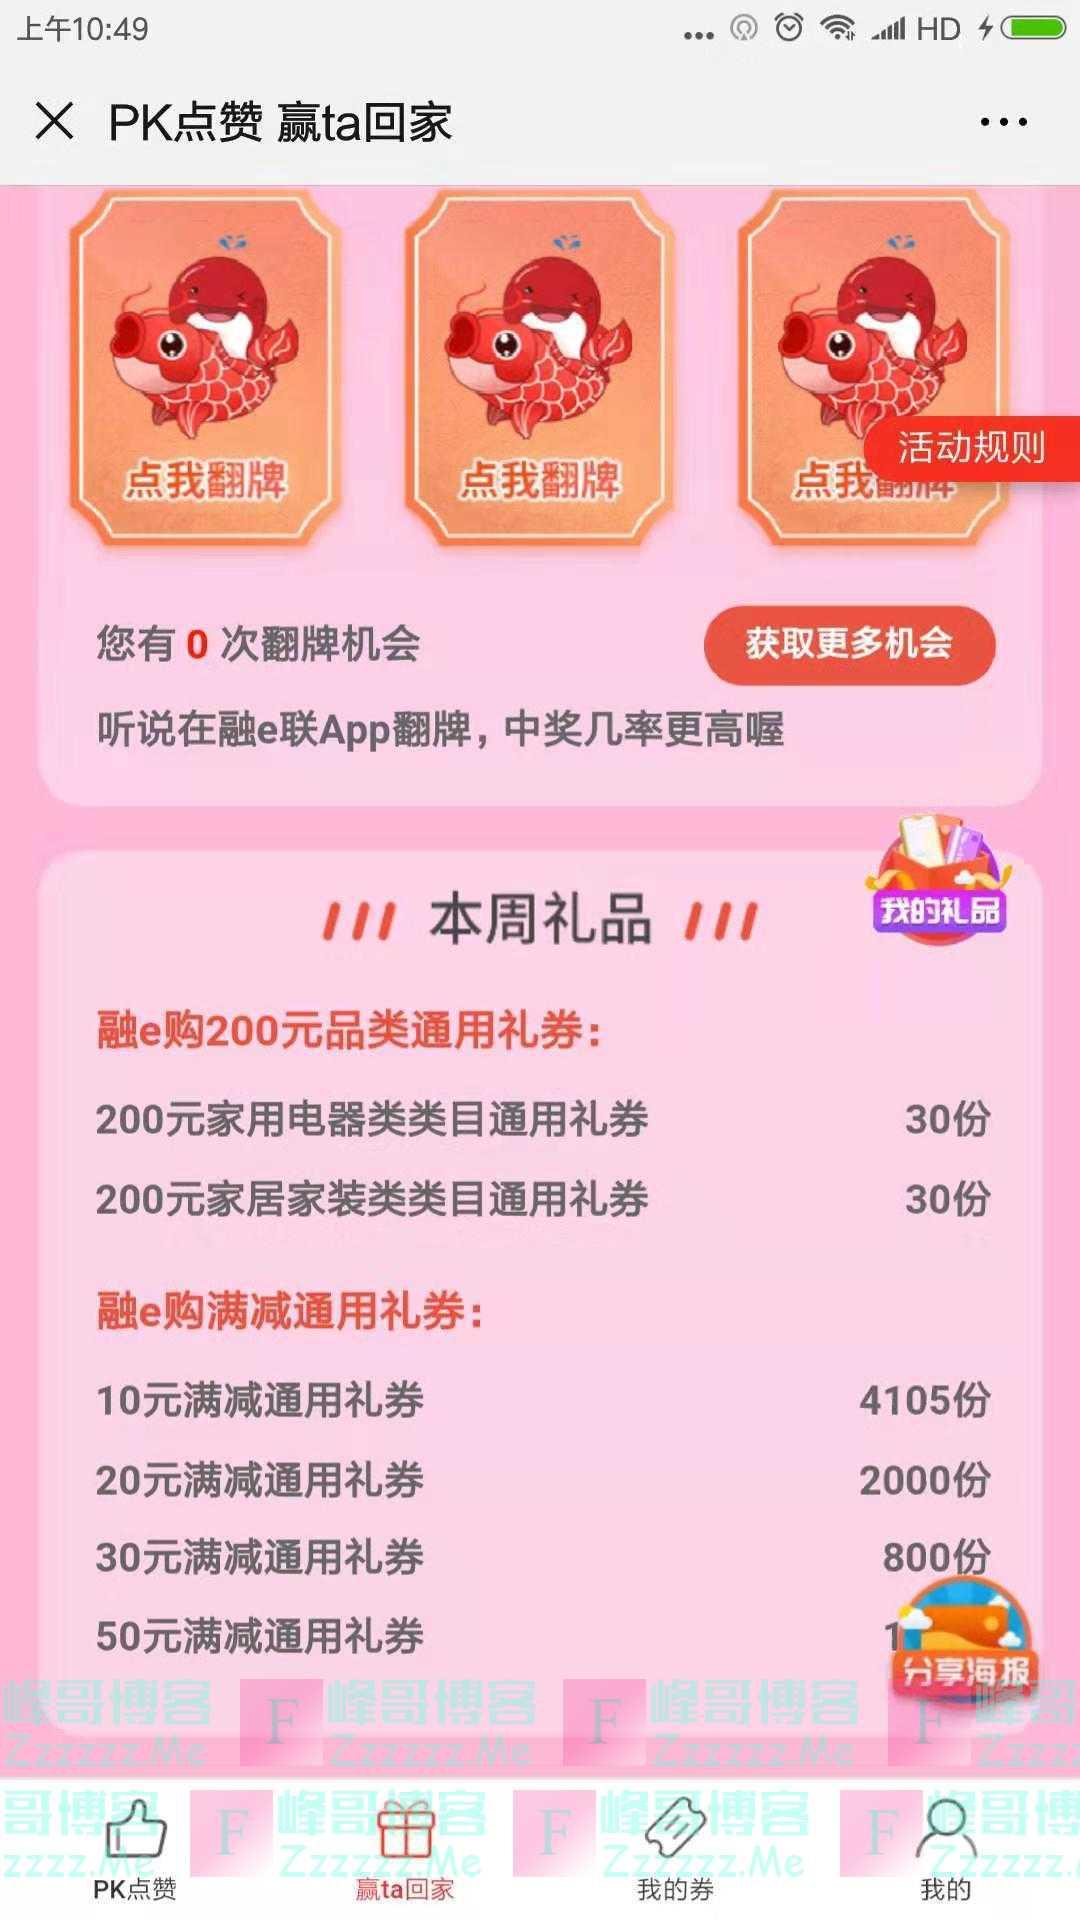 融E购新一期点赞有礼(截止10月27日)